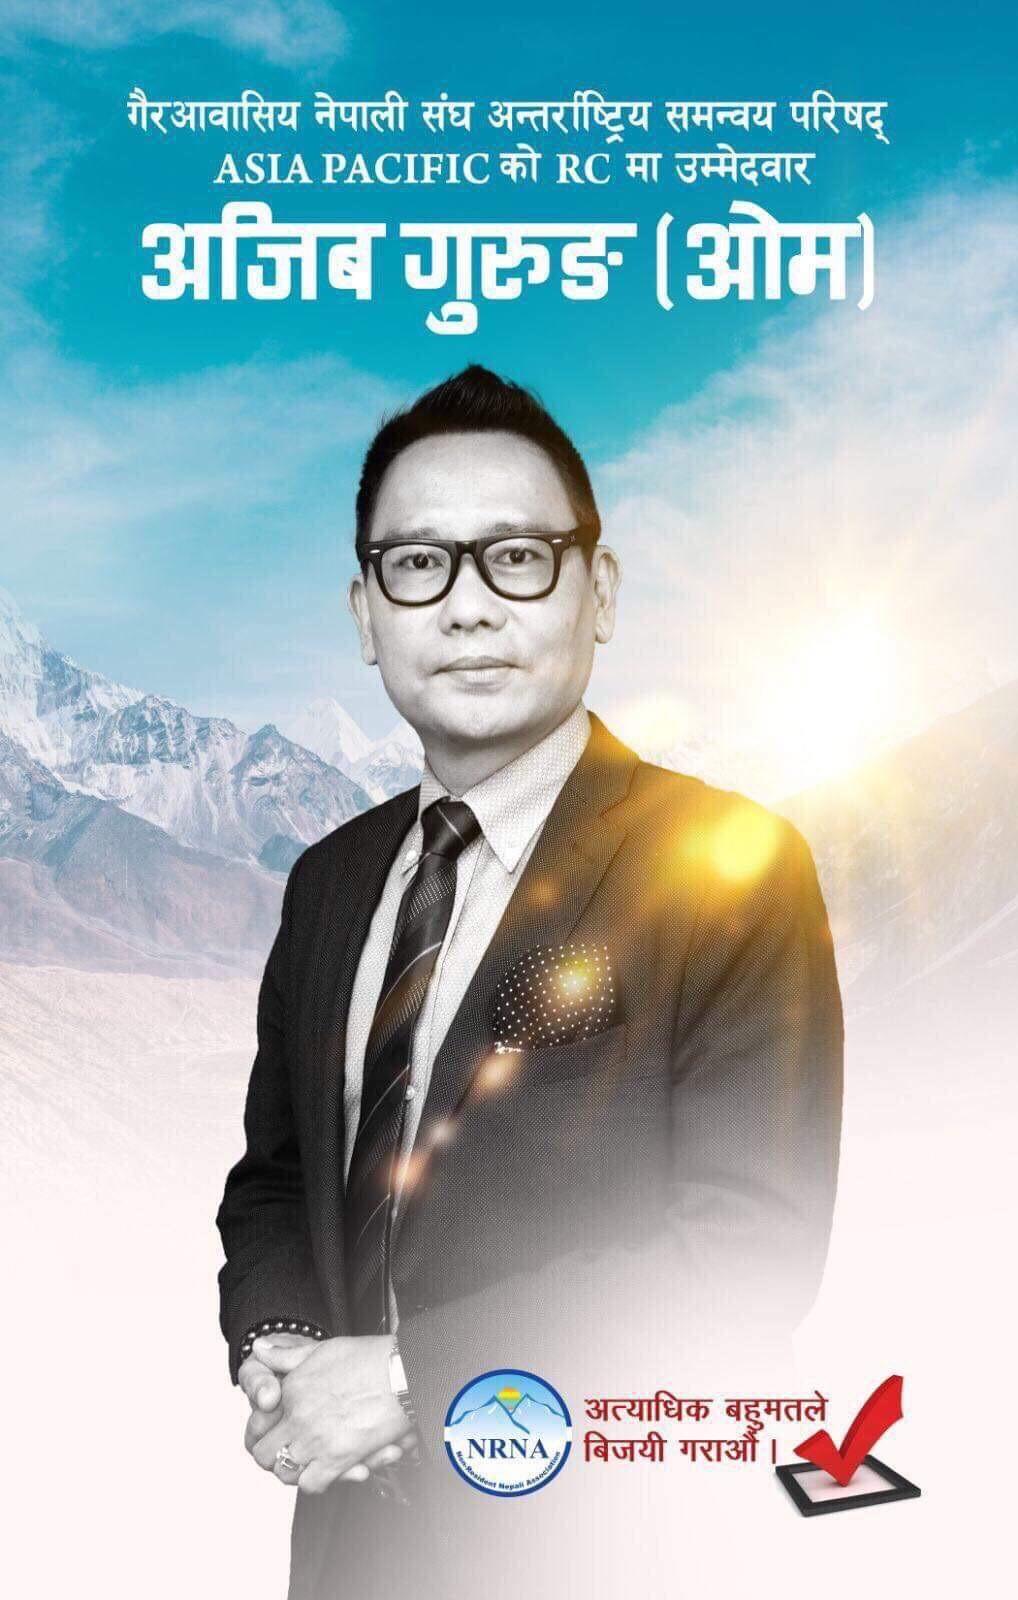 एनआरएनए एशिया प्यासिफिकको संयोजकमा ओम गुरुङ 'अजिव' द्वारा उम्मेद्वारी घोषणा